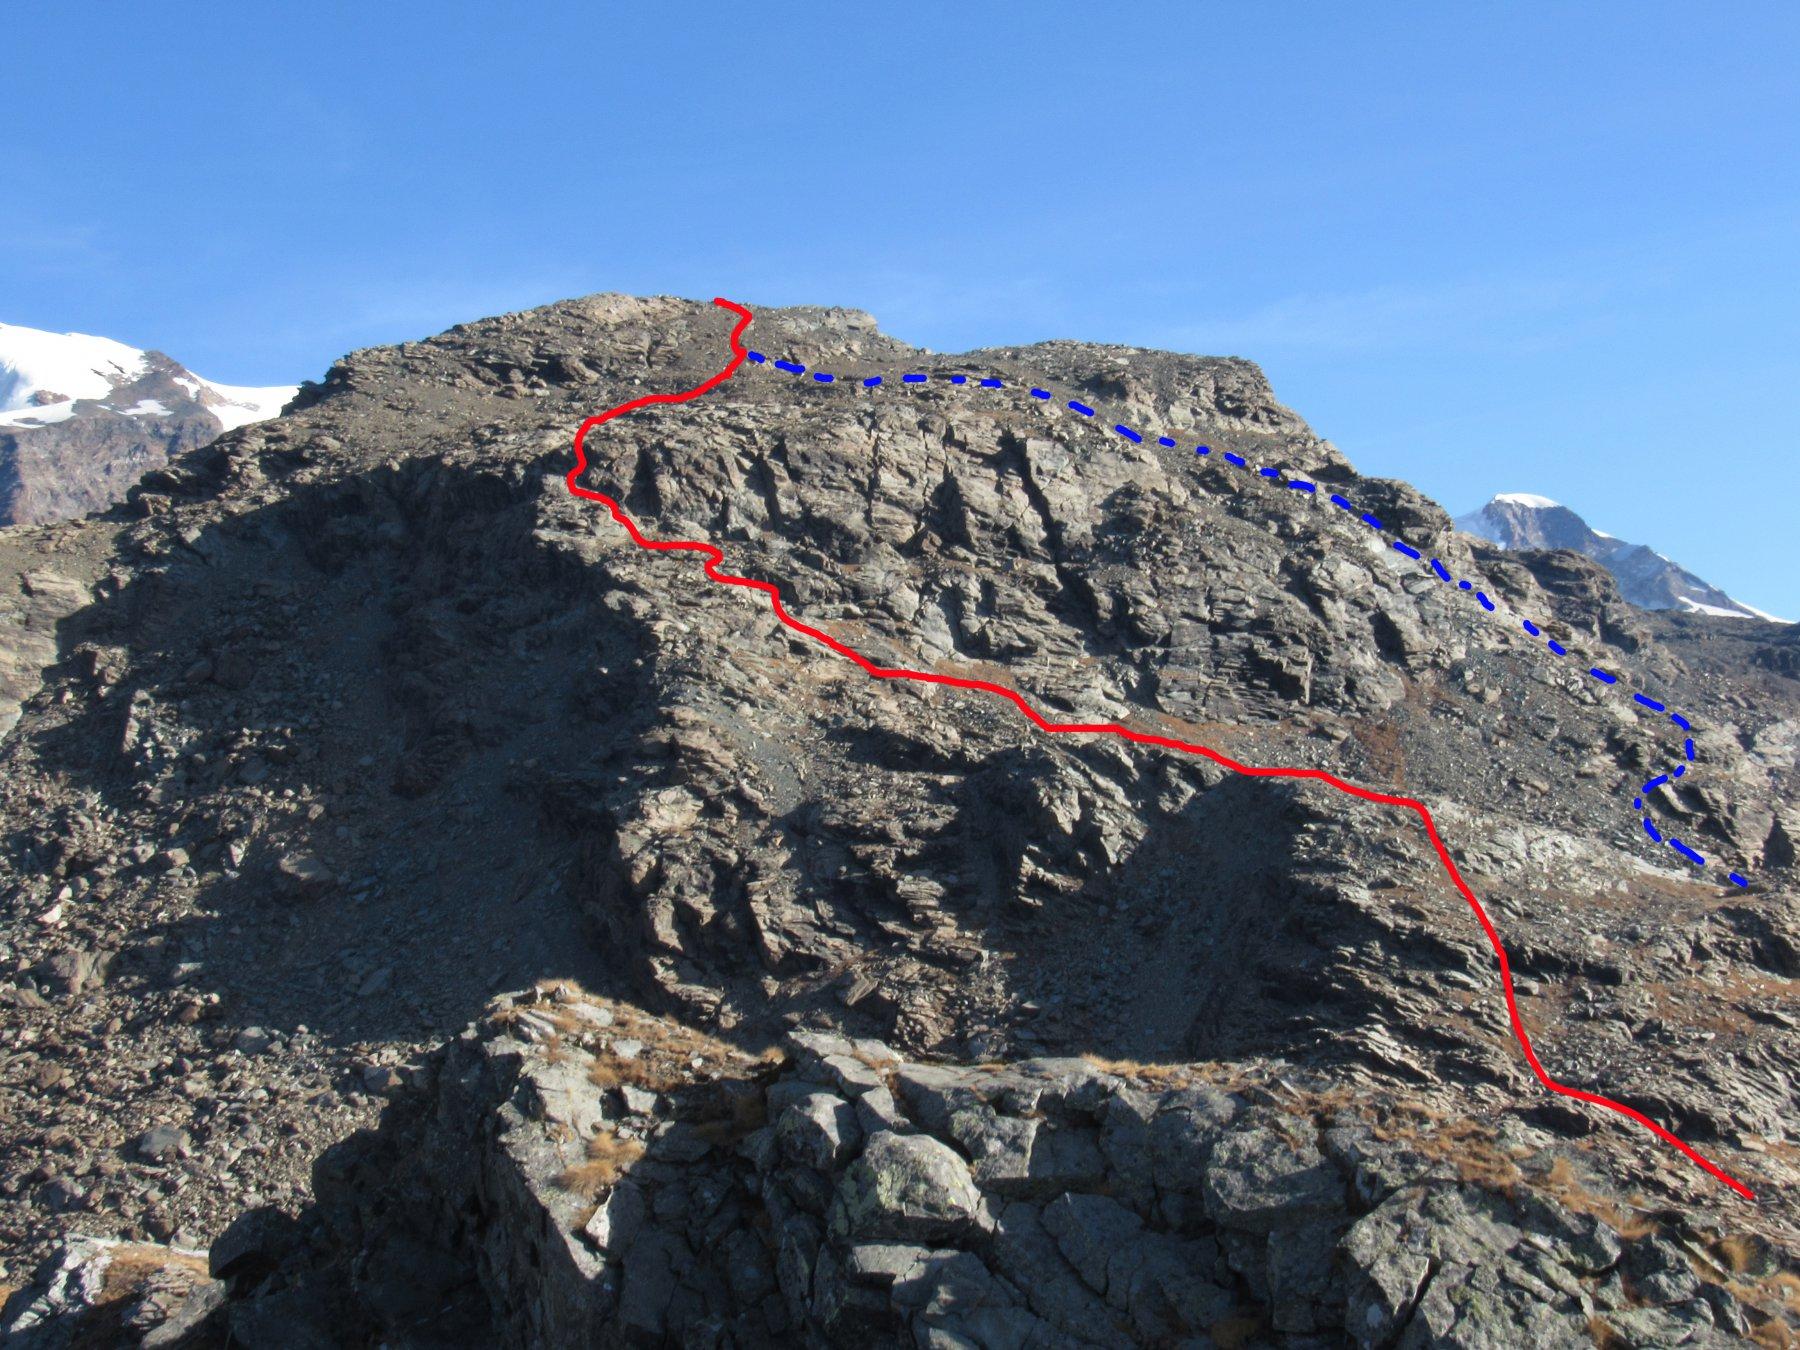 Percorsi di salita, in rosso la via consigliata, in blu la variante del pendio-canale sud-est